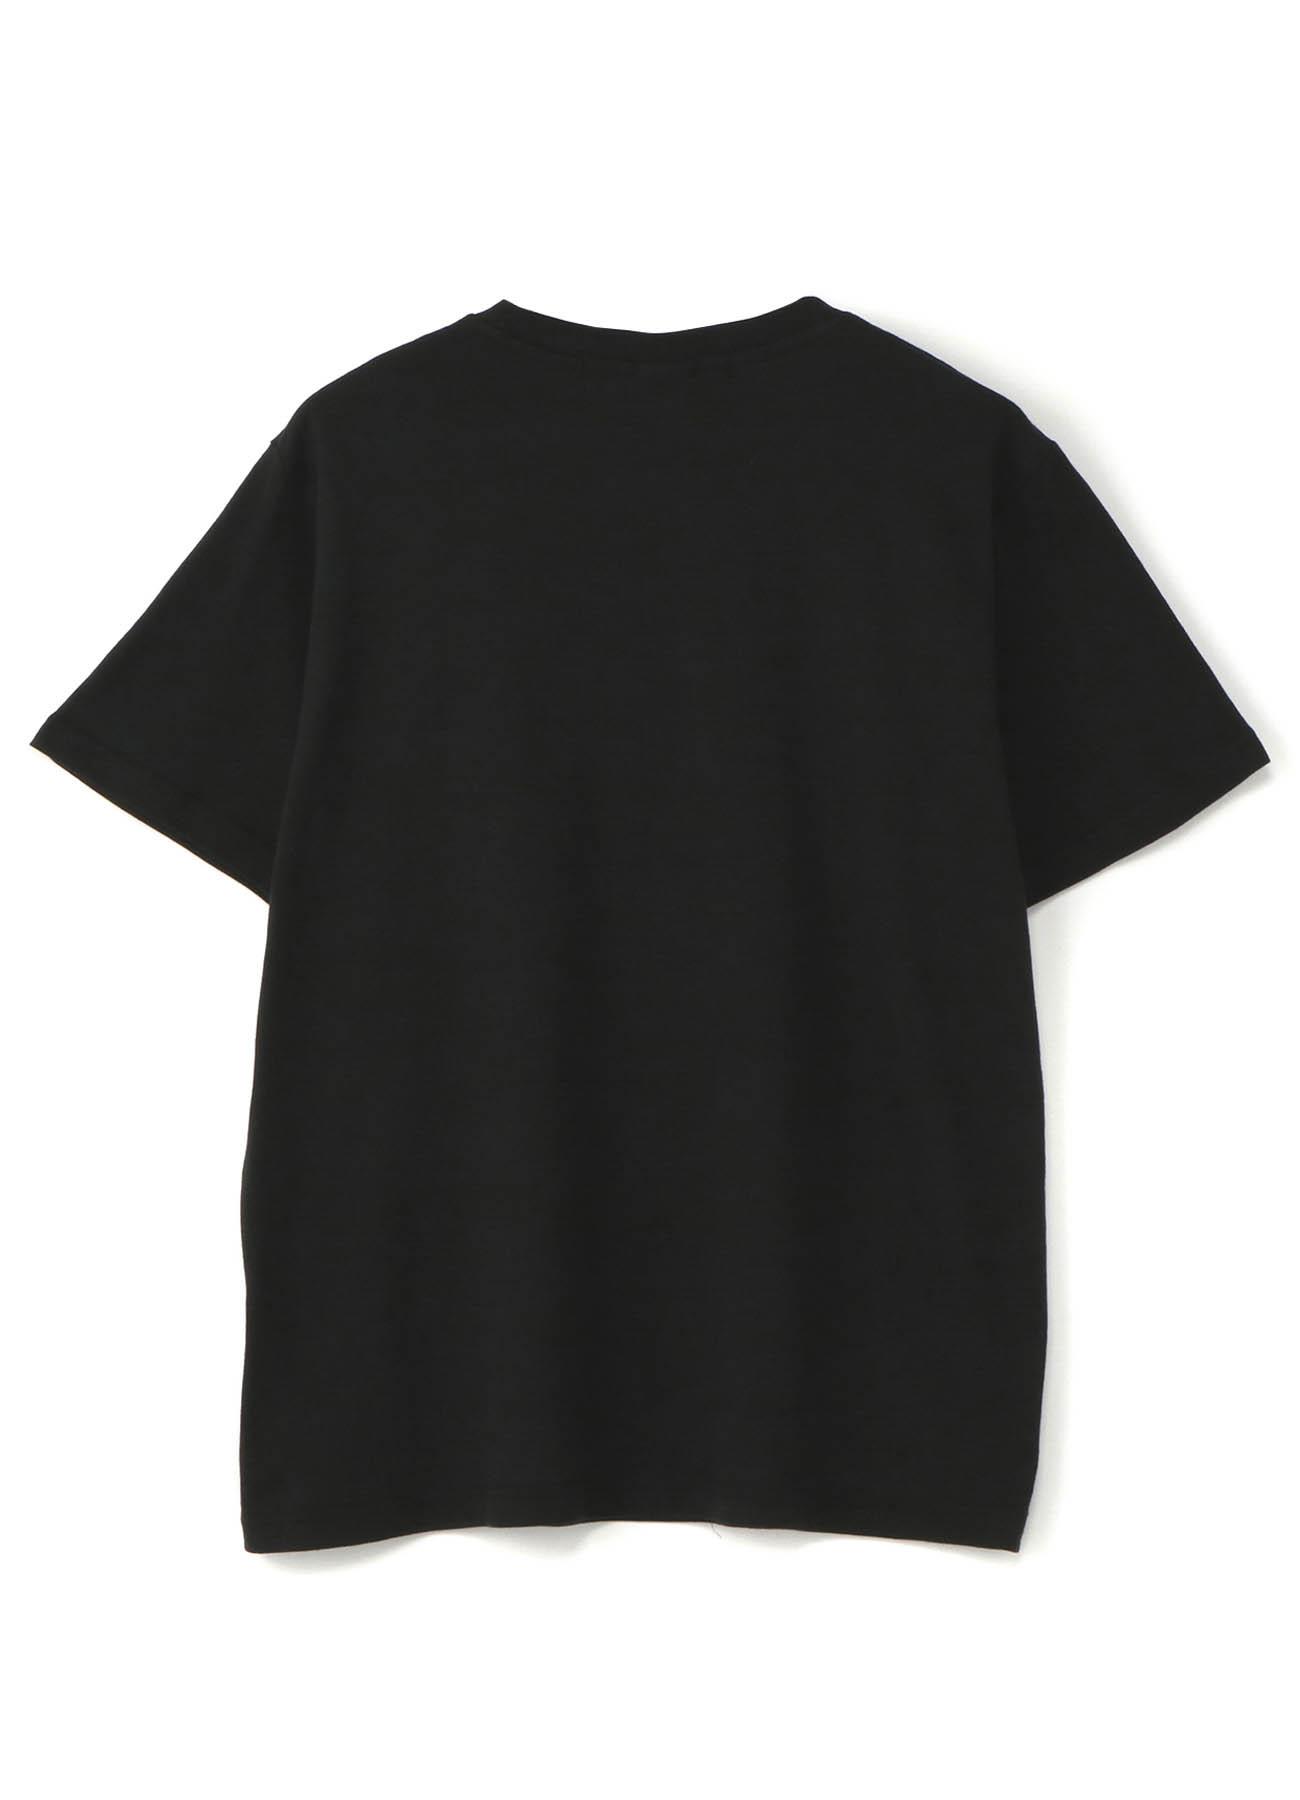 5.0oz棉GY徽标图案T